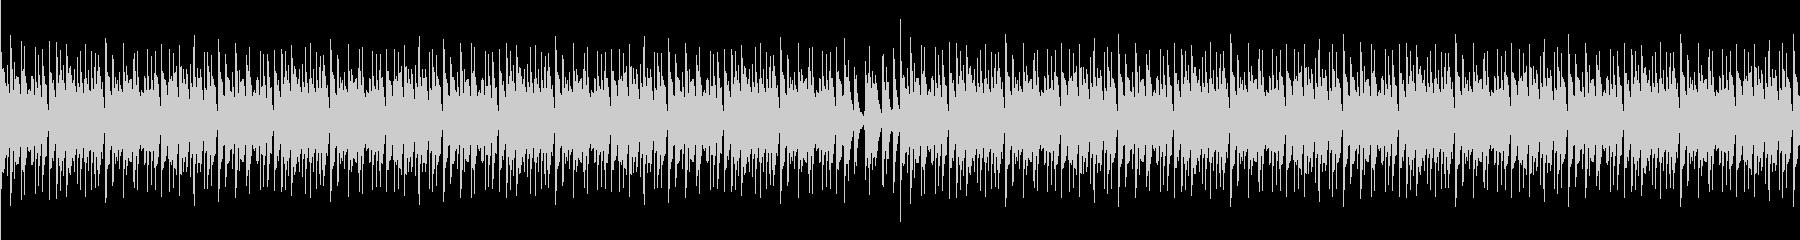 クラブ的な変拍子ジャジーピアノの未再生の波形